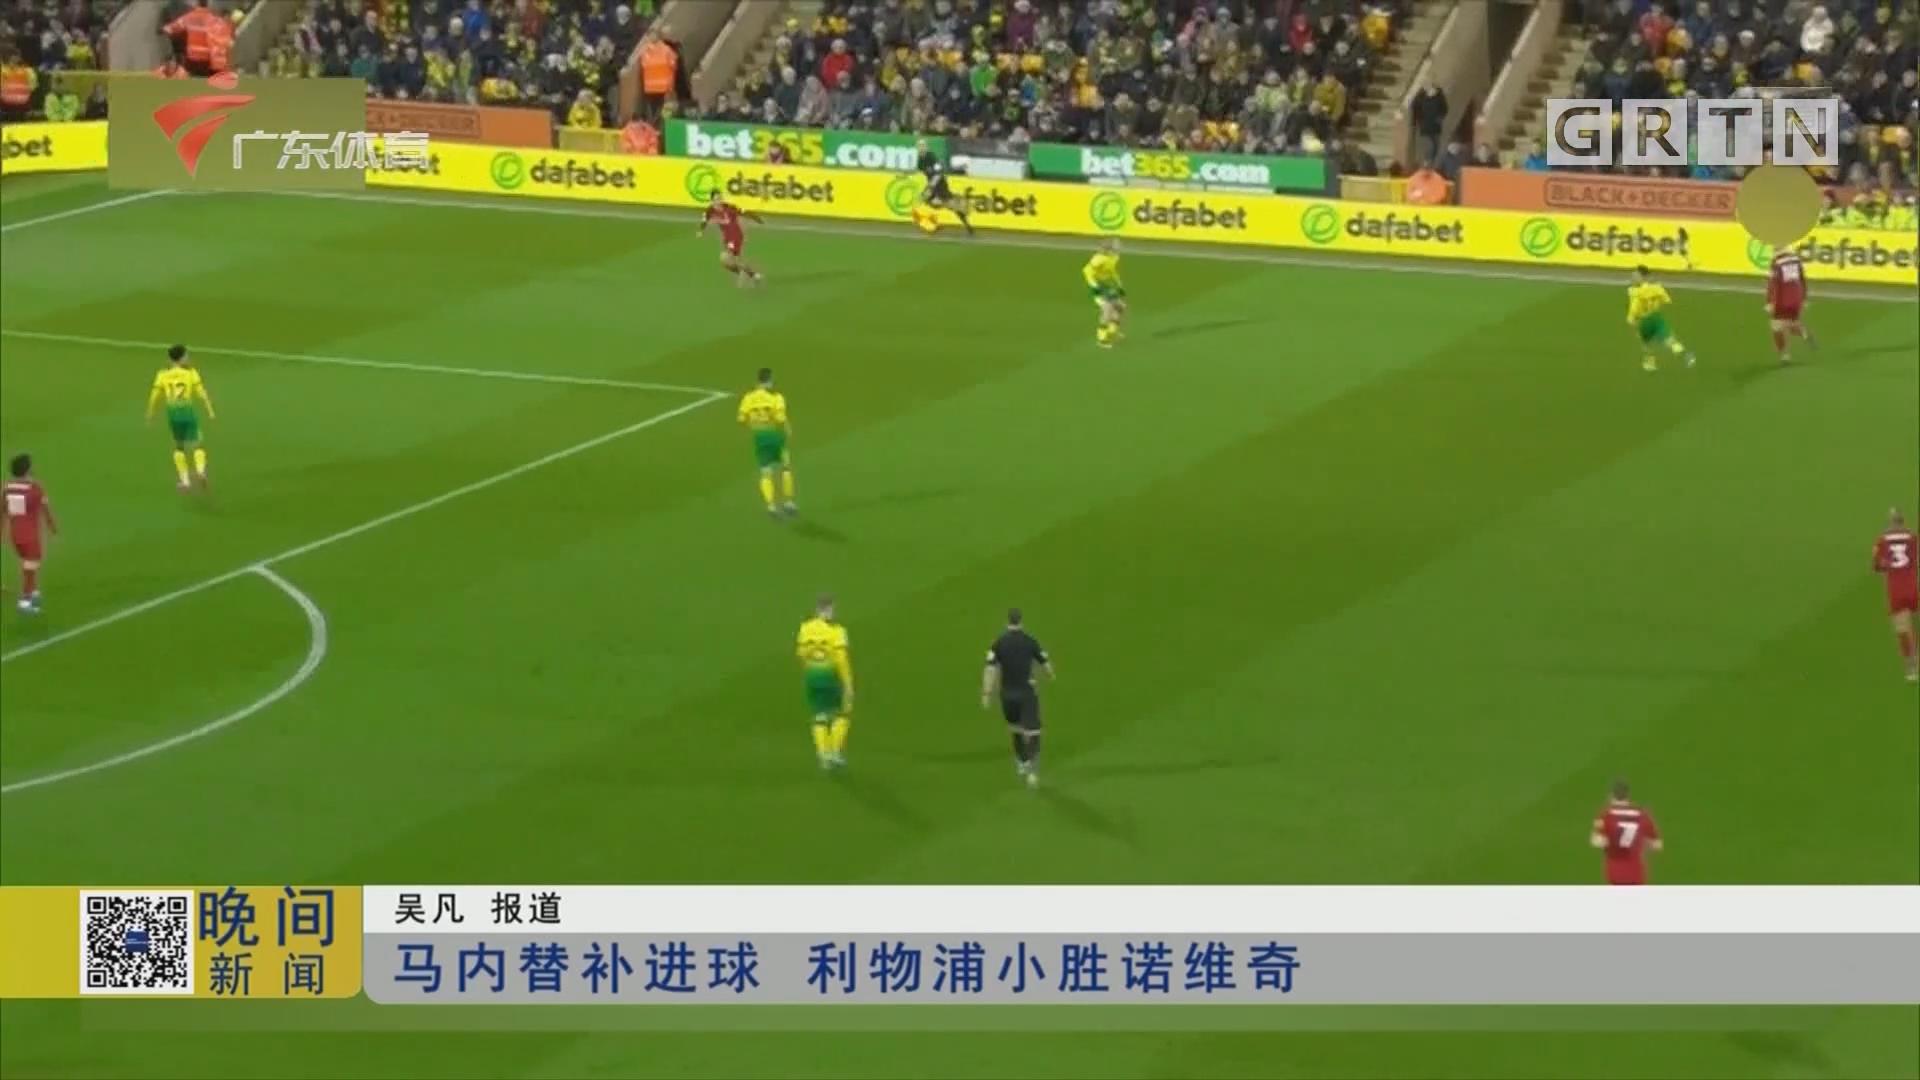 马内替补进球 利物浦小胜诺维奇